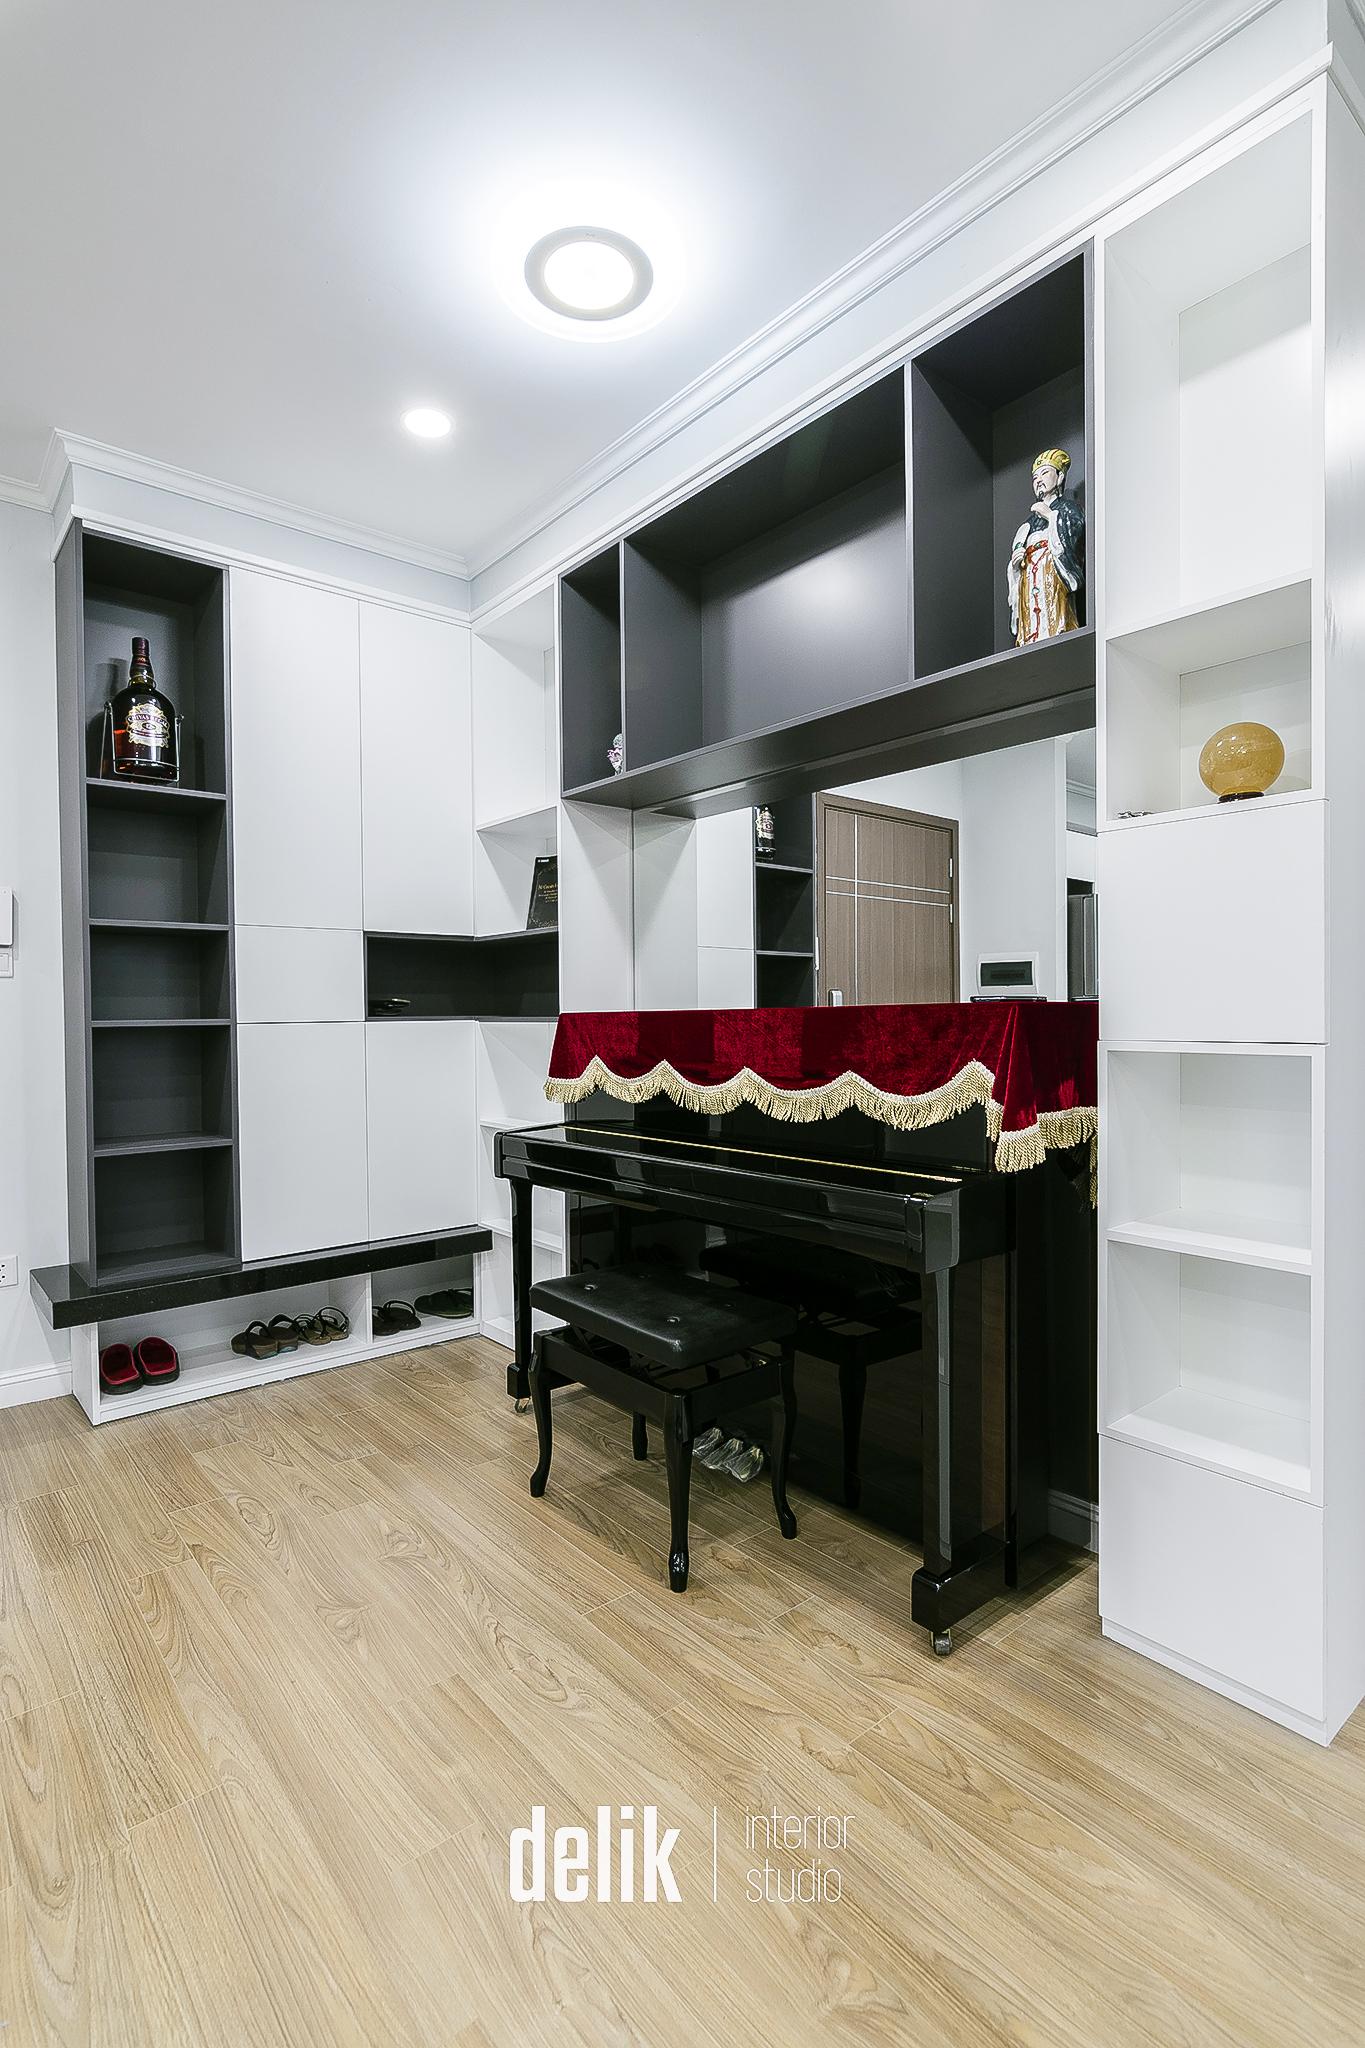 thiết kế nội thất chung cư tại Hà Nội Vinhomes Gardenia 4 1547478869